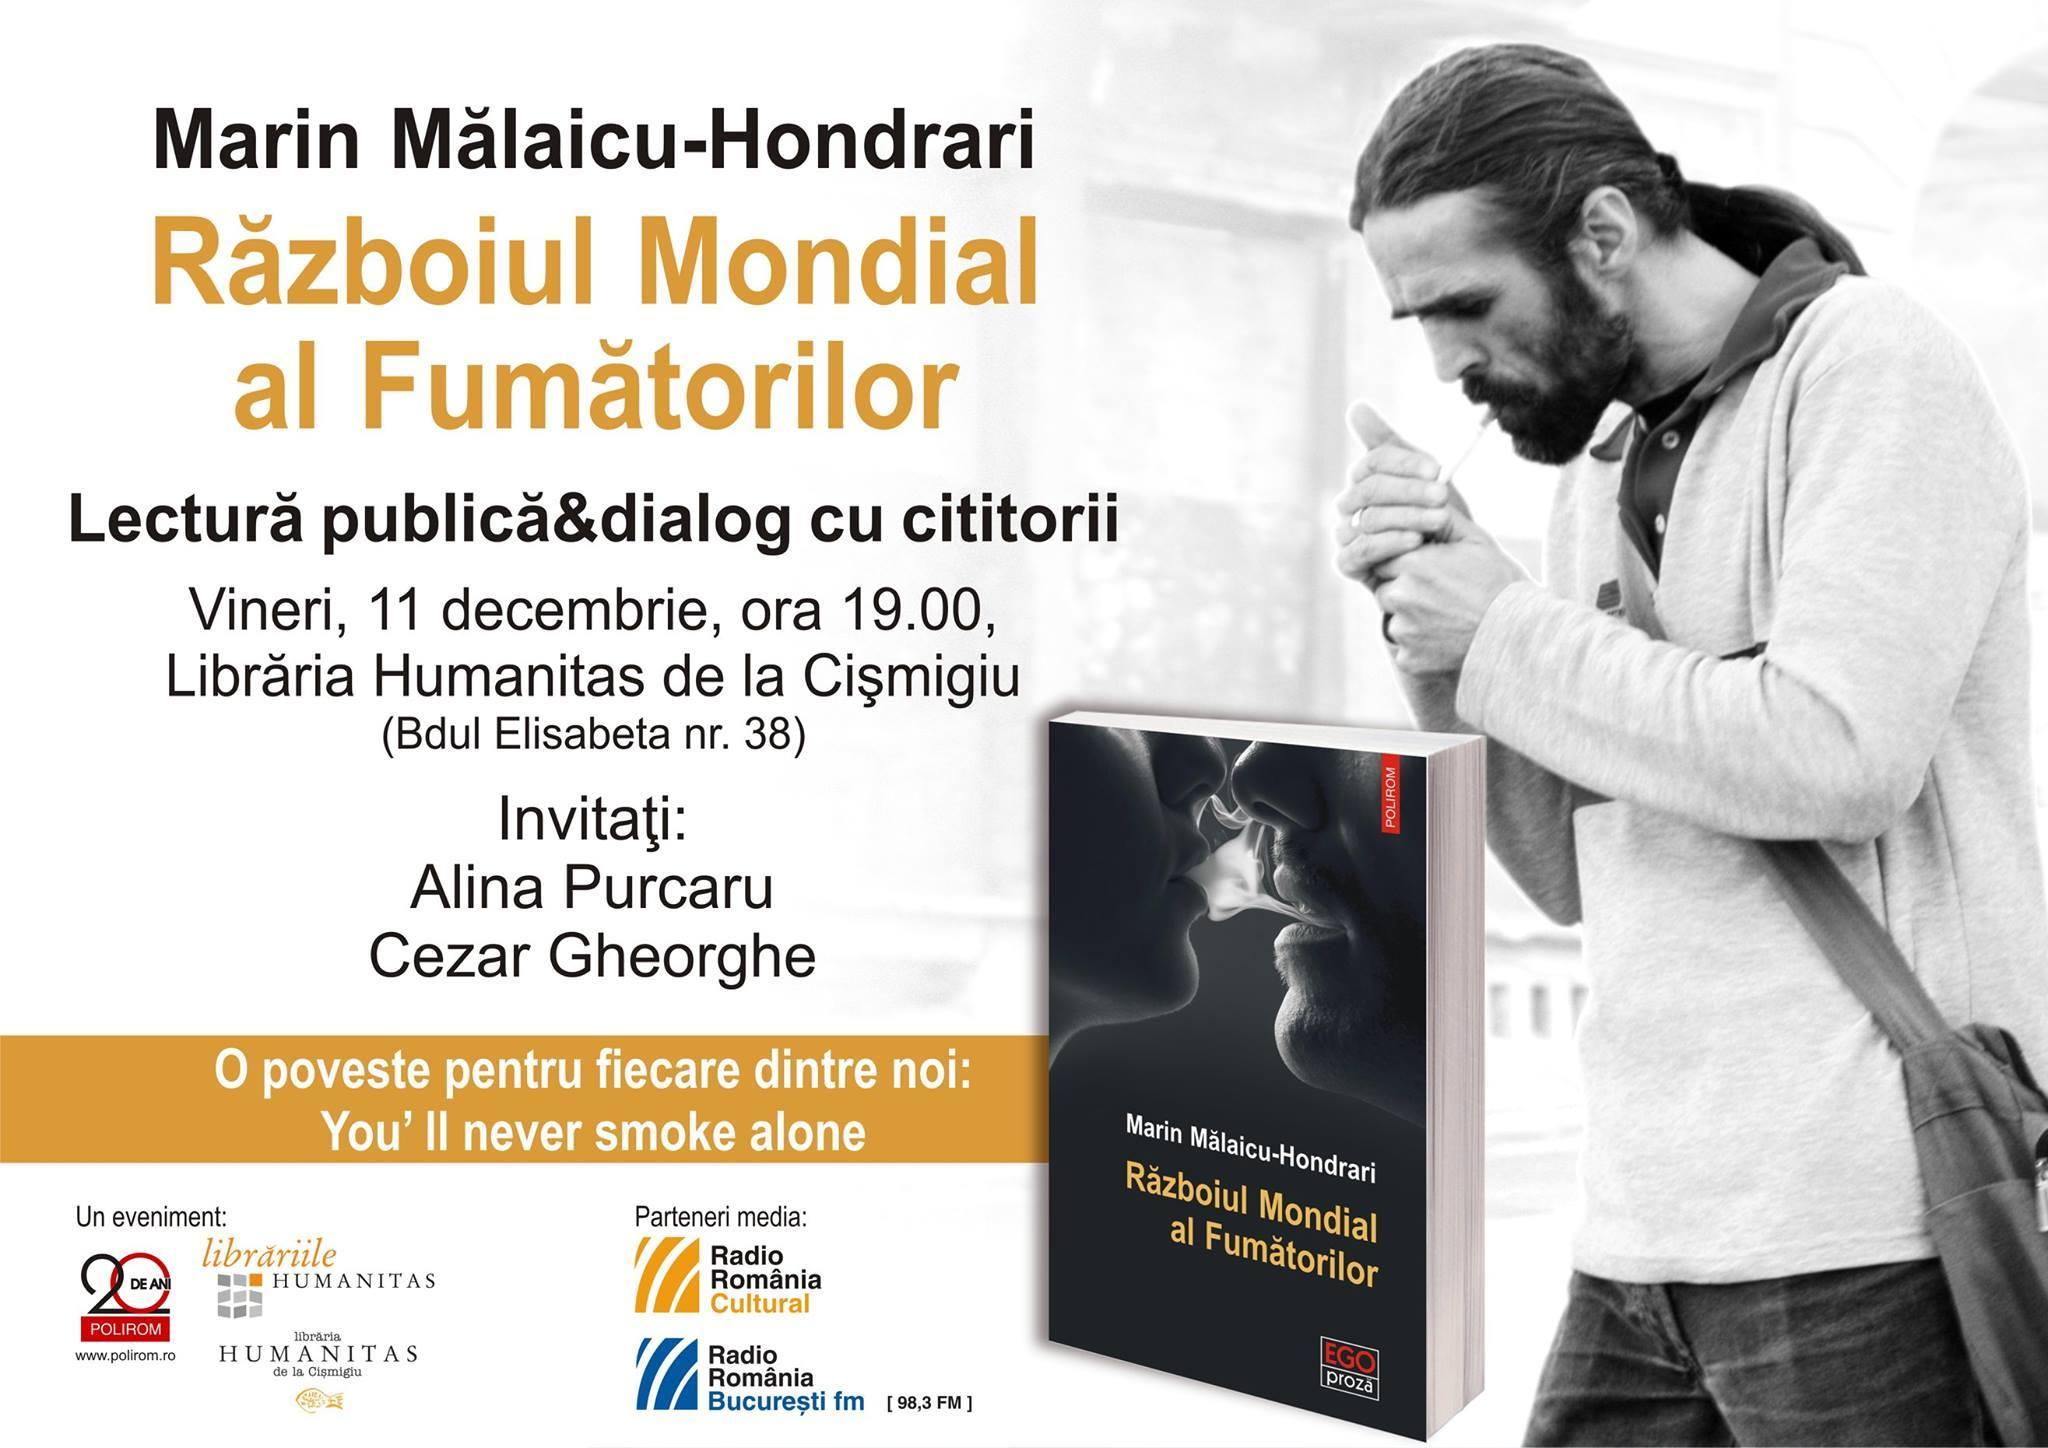 Lectură publică & dialog cu publicul, Marin Mălaicu-Hondrari